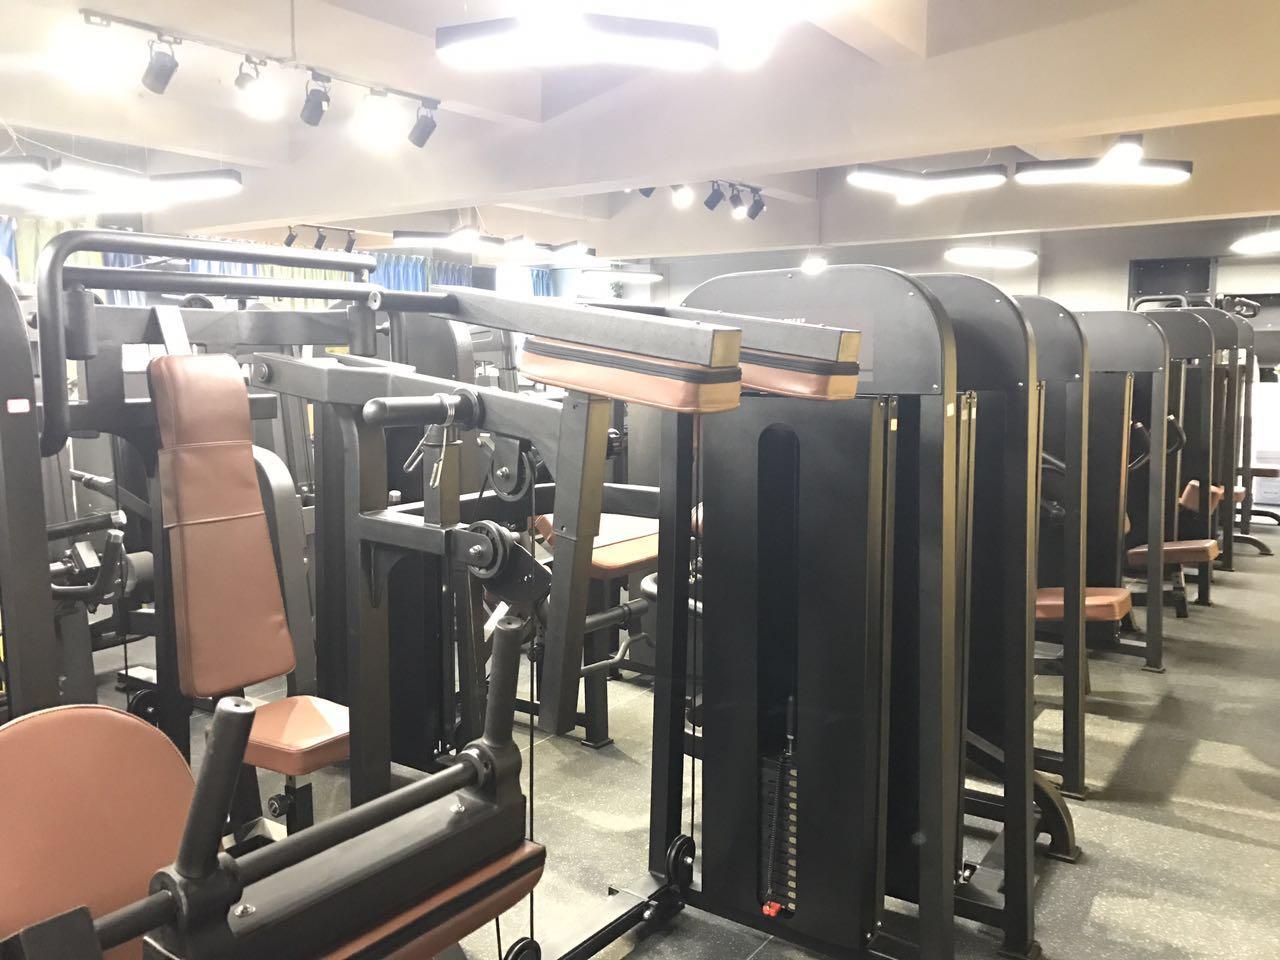 健身房器材工厂展厅